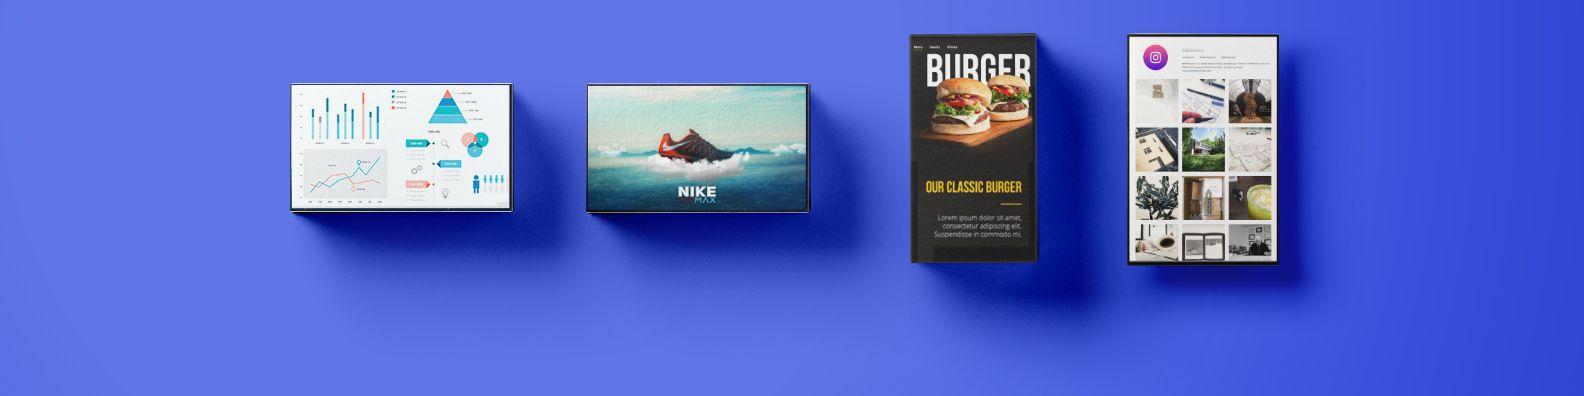 digital signage commercial displays